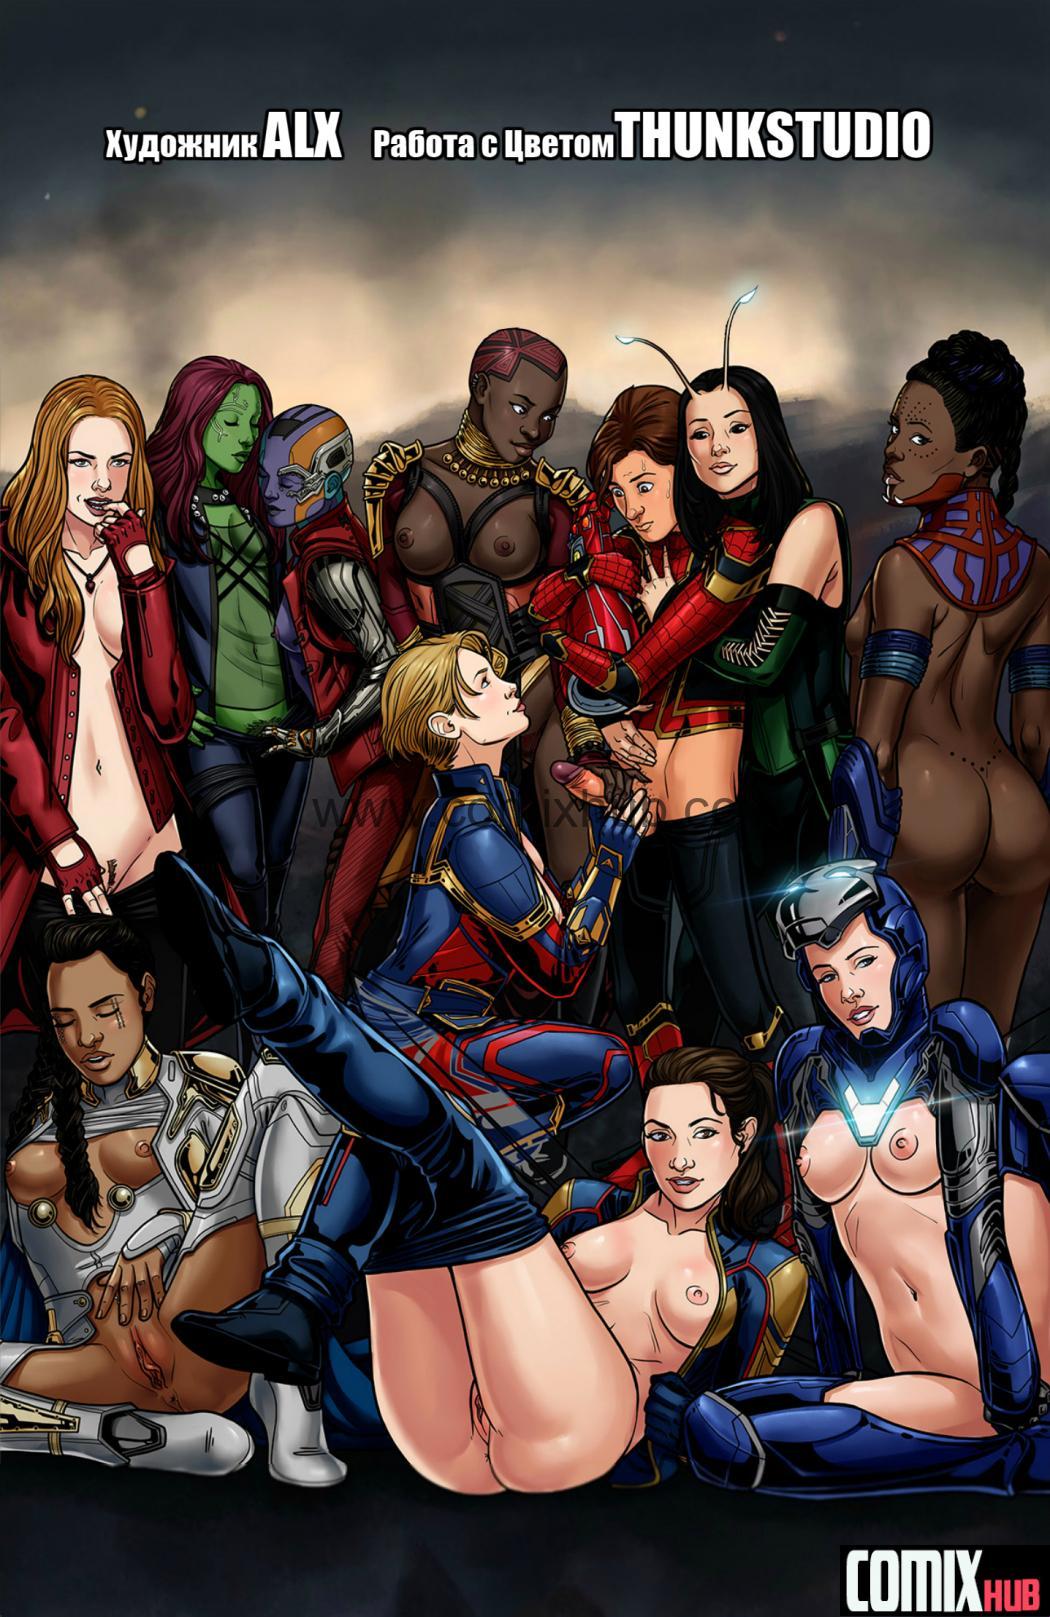 Порно комиксы, Мстители: На грани Финала Порно комиксы, Групповой секс, Минет, Супер-герои